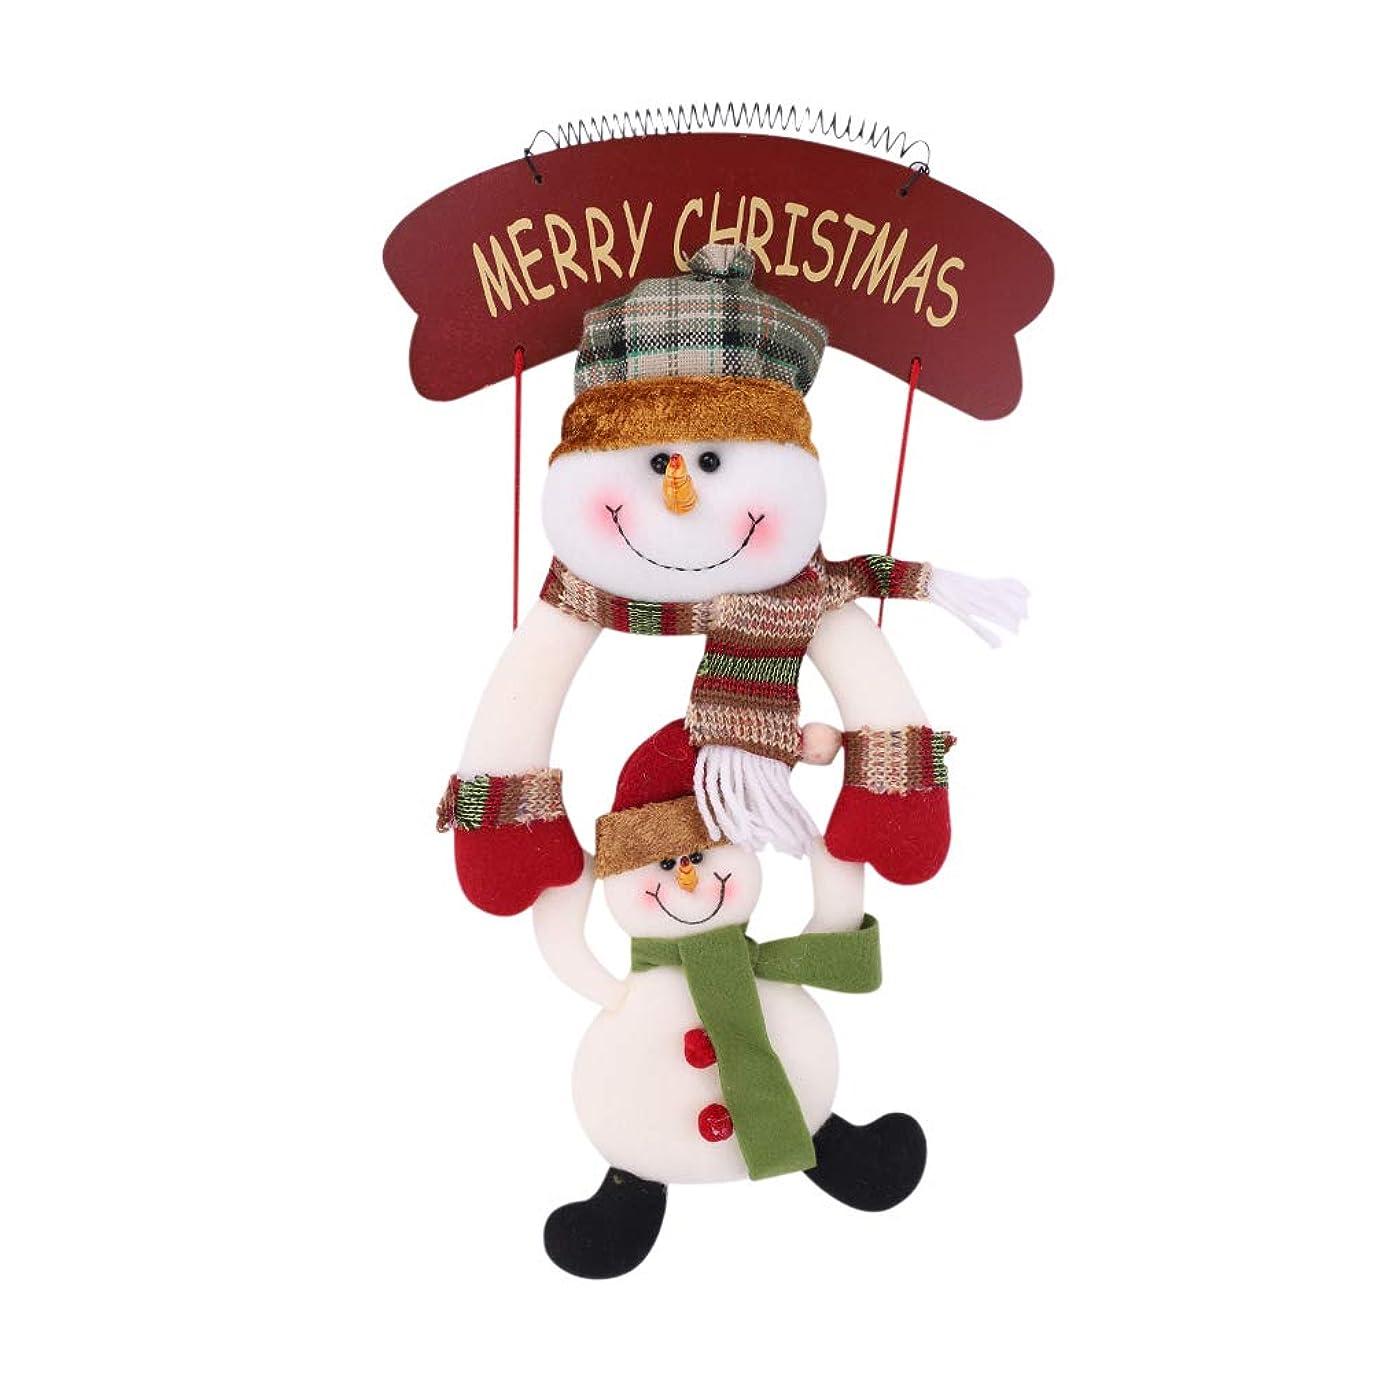 主流エンドテーブル洗練クリスマス飾り 可愛い サンタクロース 雪だるま 壁掛け 吊り装飾用 デコレーショングッズ 店舗装飾 お店 お宅 玄関 ドアに掛け 室内 屋外 インテリア飾り 雰囲気満載 クリスマス小物 おもちゃ ぬいぐるみ 人形 ペンダント クリスマスプレゼント 雪だるま